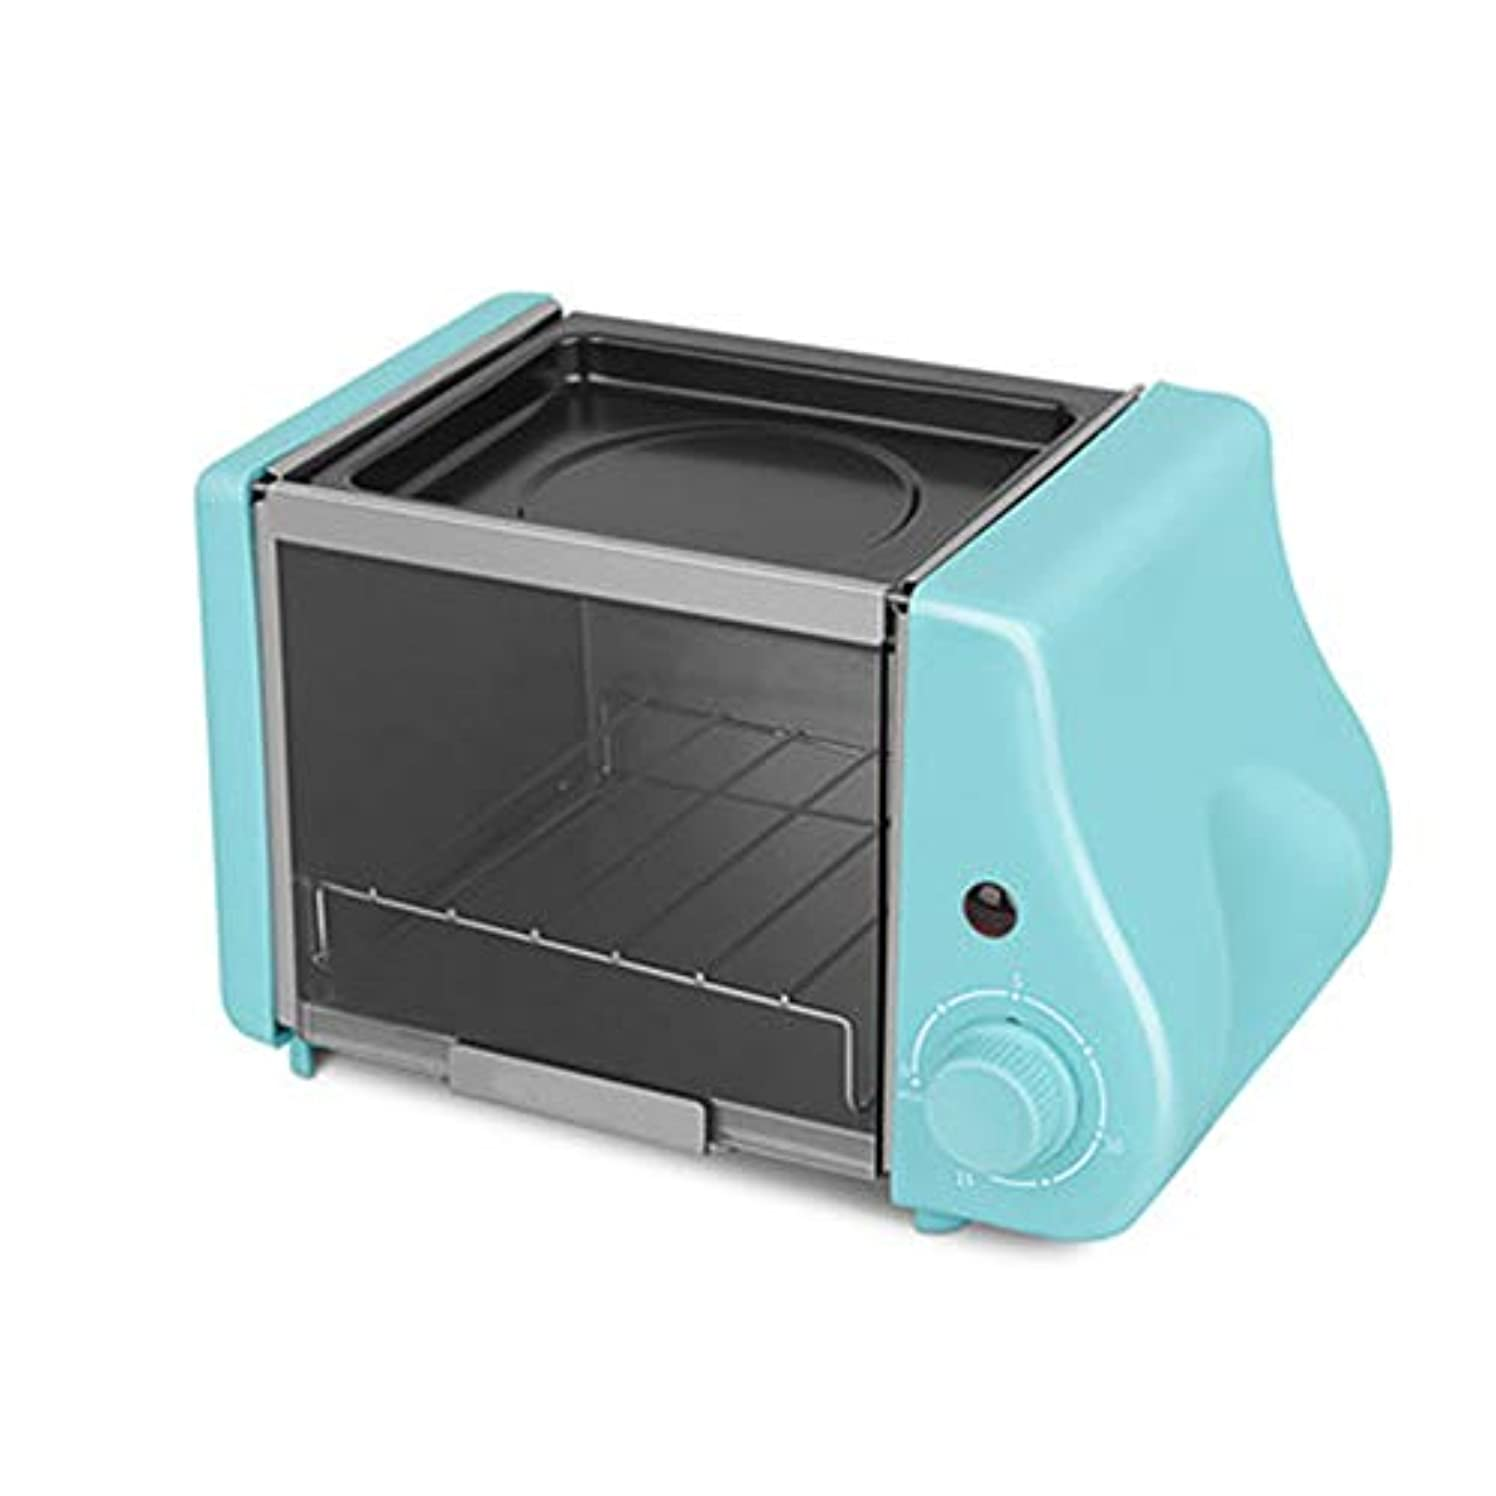 時々時々バレルセクタミニ電気オーブン、スマートスチームオーブン、取り外し可能なシャーシ、正確な温度ダイヤルコントロール、過熱を防止する自動シャットダウン、省エネ